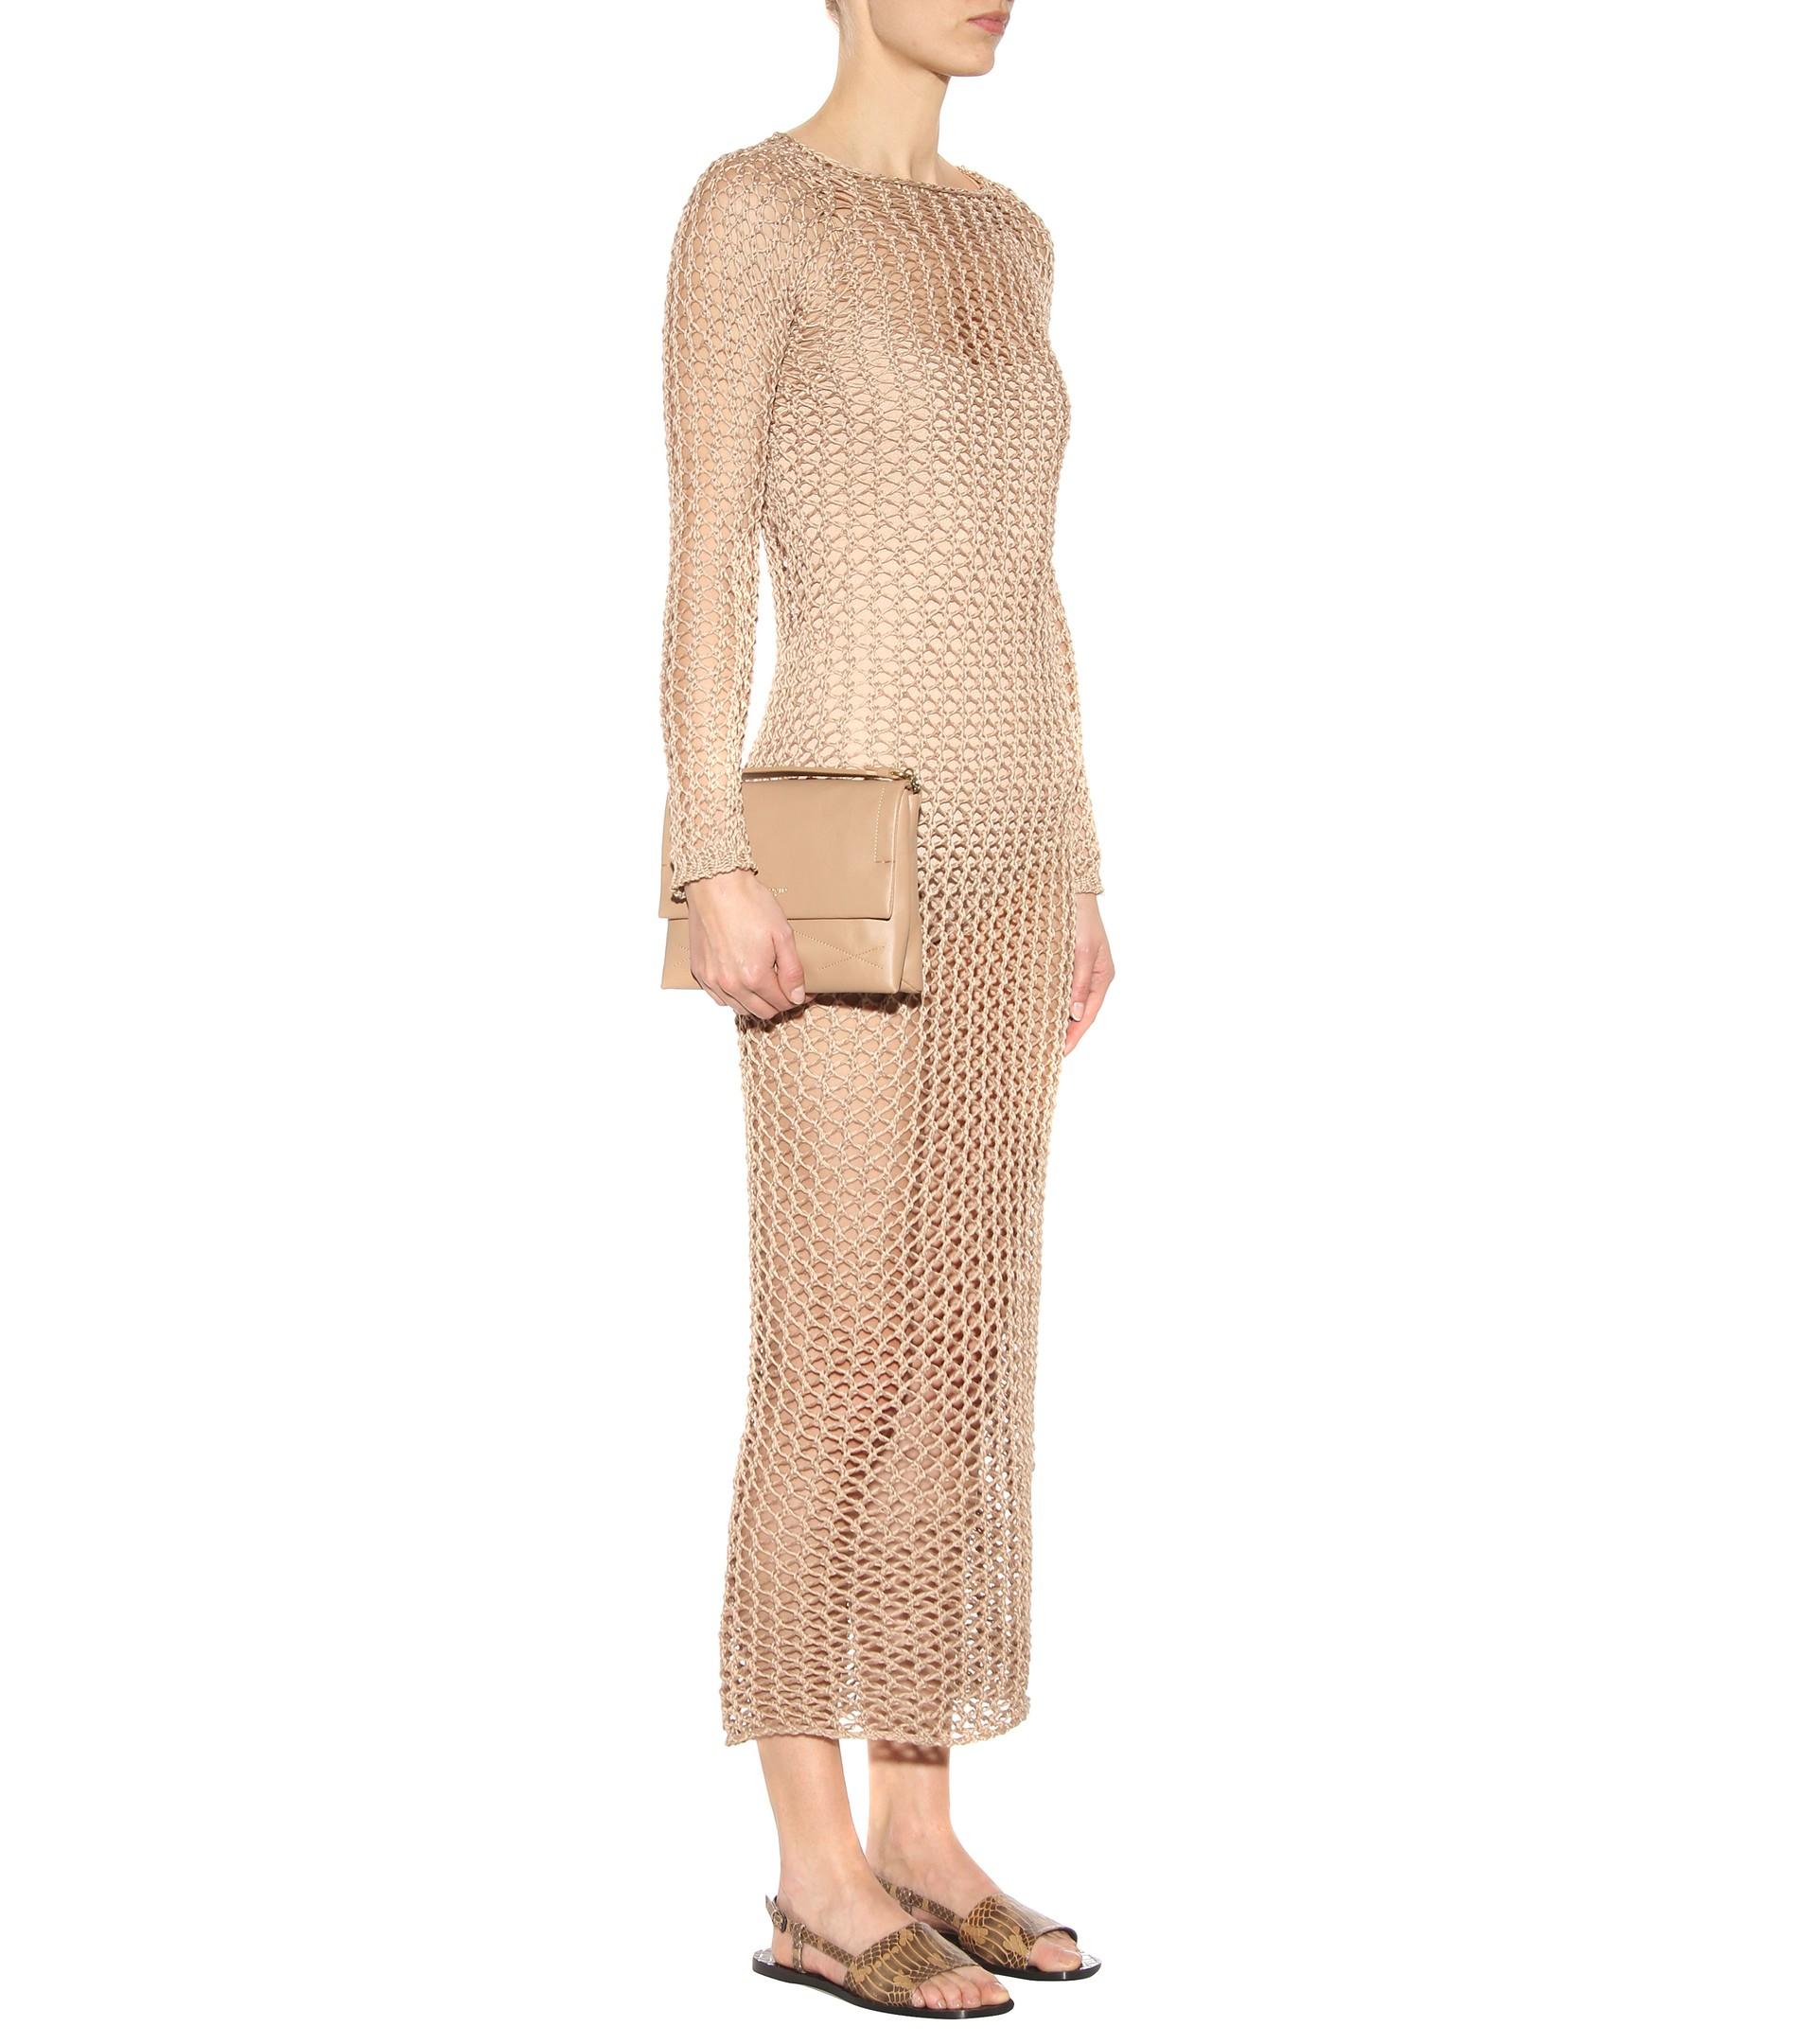 Cotton crochet maxi dress